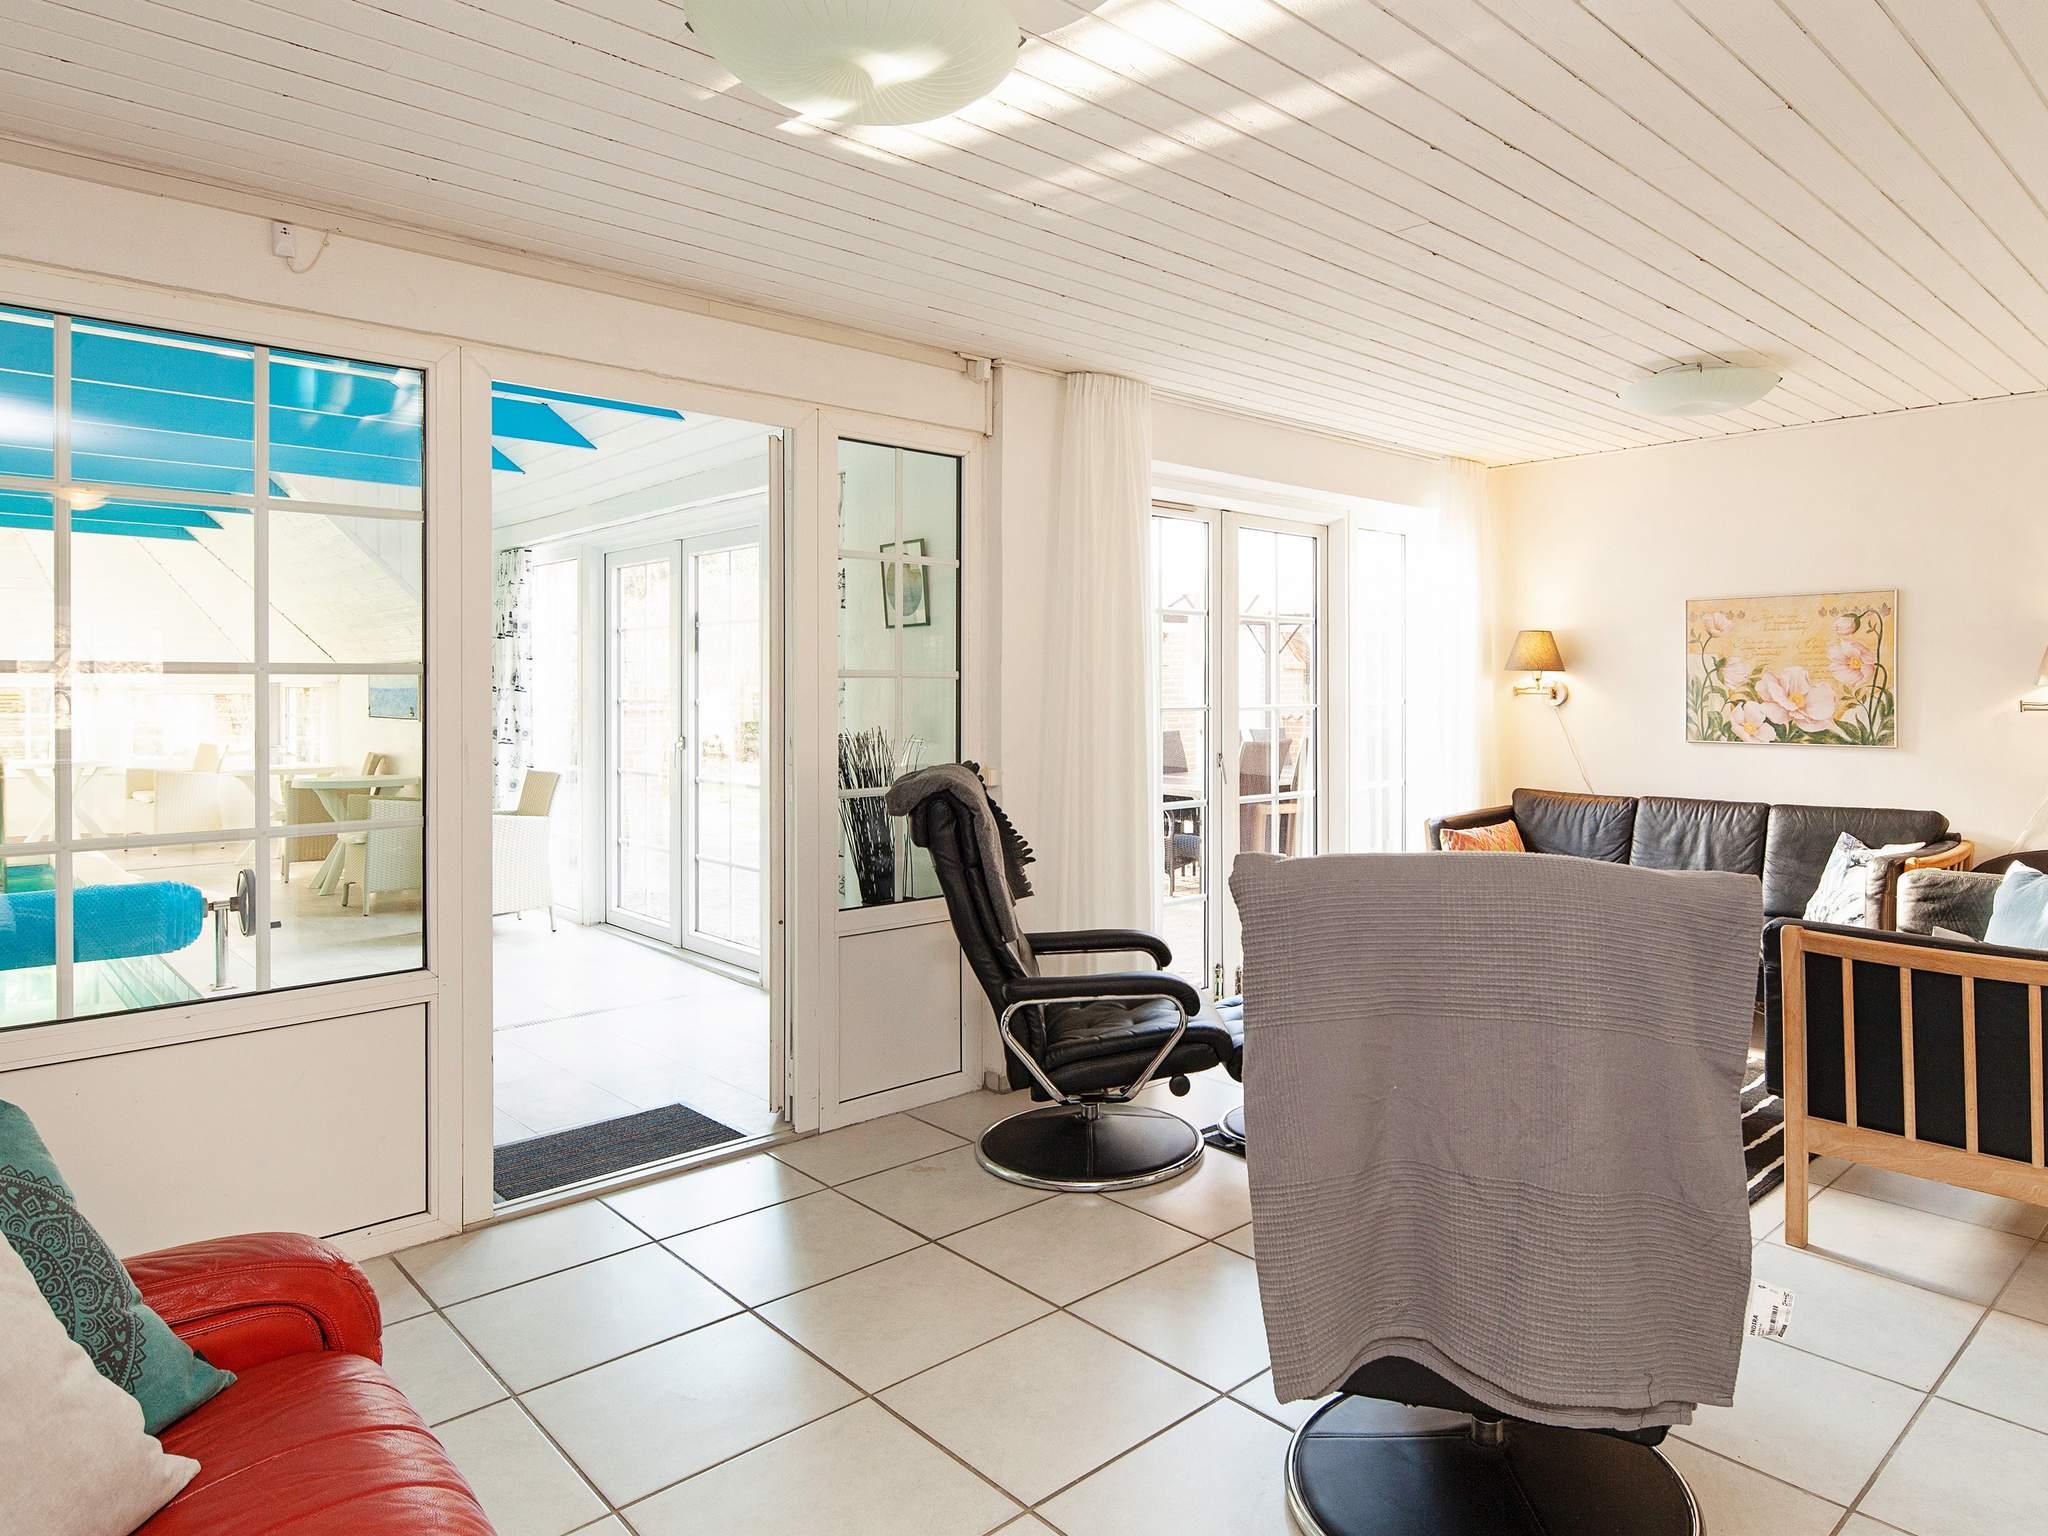 Ferienhaus Marielyst (83201), Marielyst, , Falster, Dänemark, Bild 2